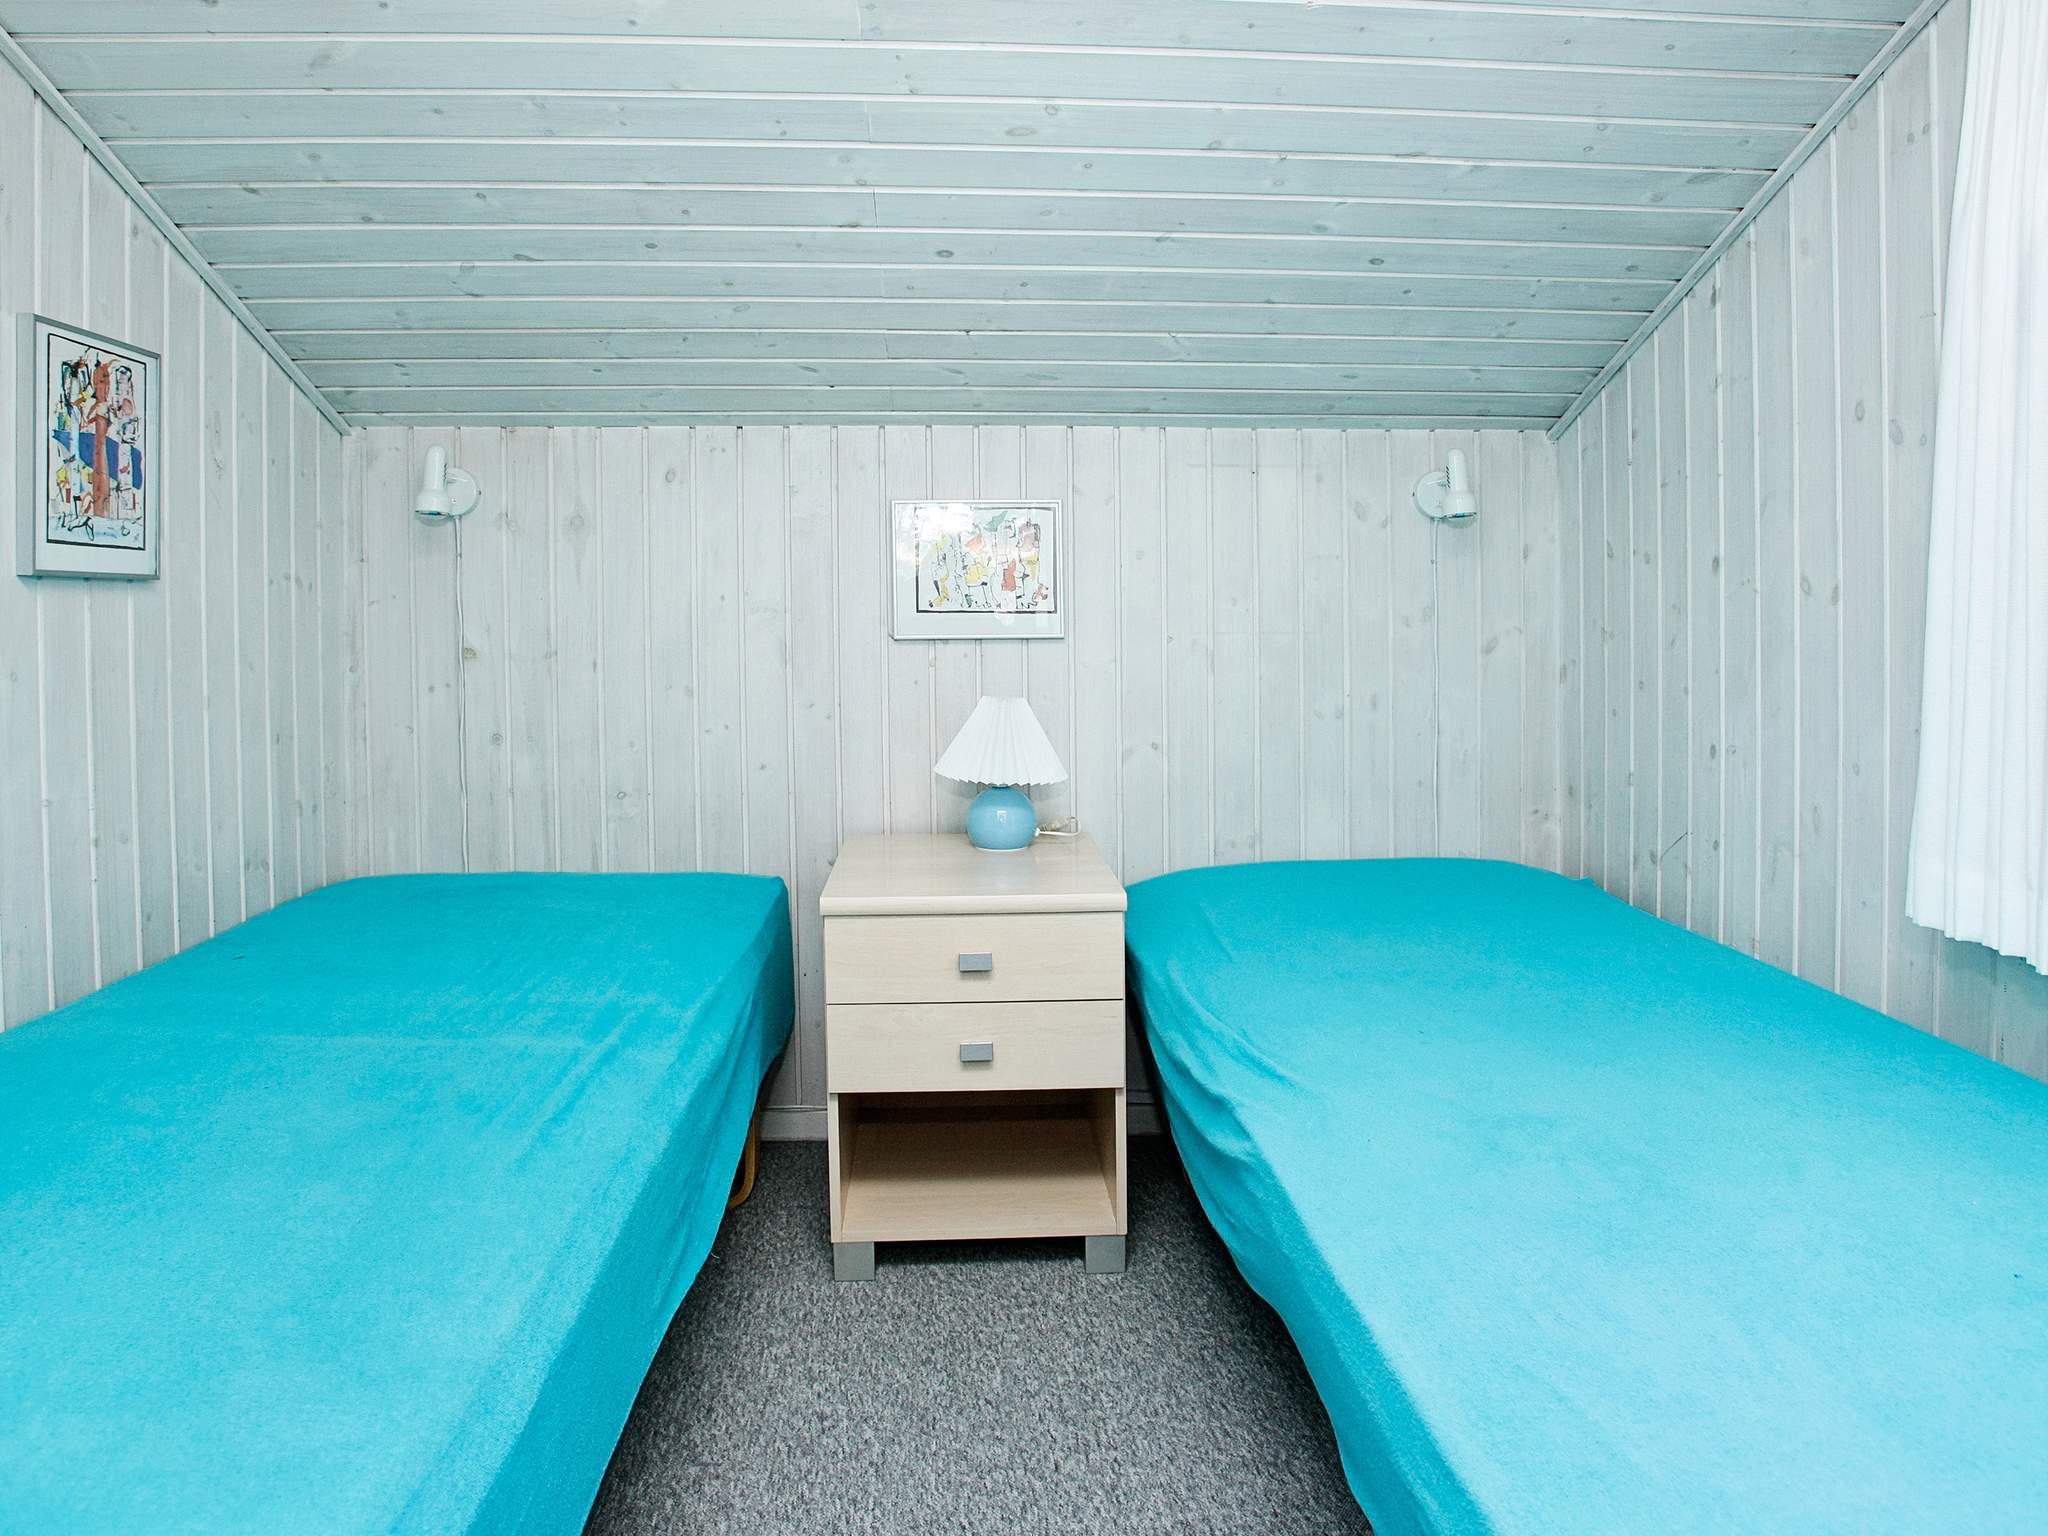 Ferienhaus Blokhus (83373), Blokhus, , Nordwestjütland, Dänemark, Bild 7